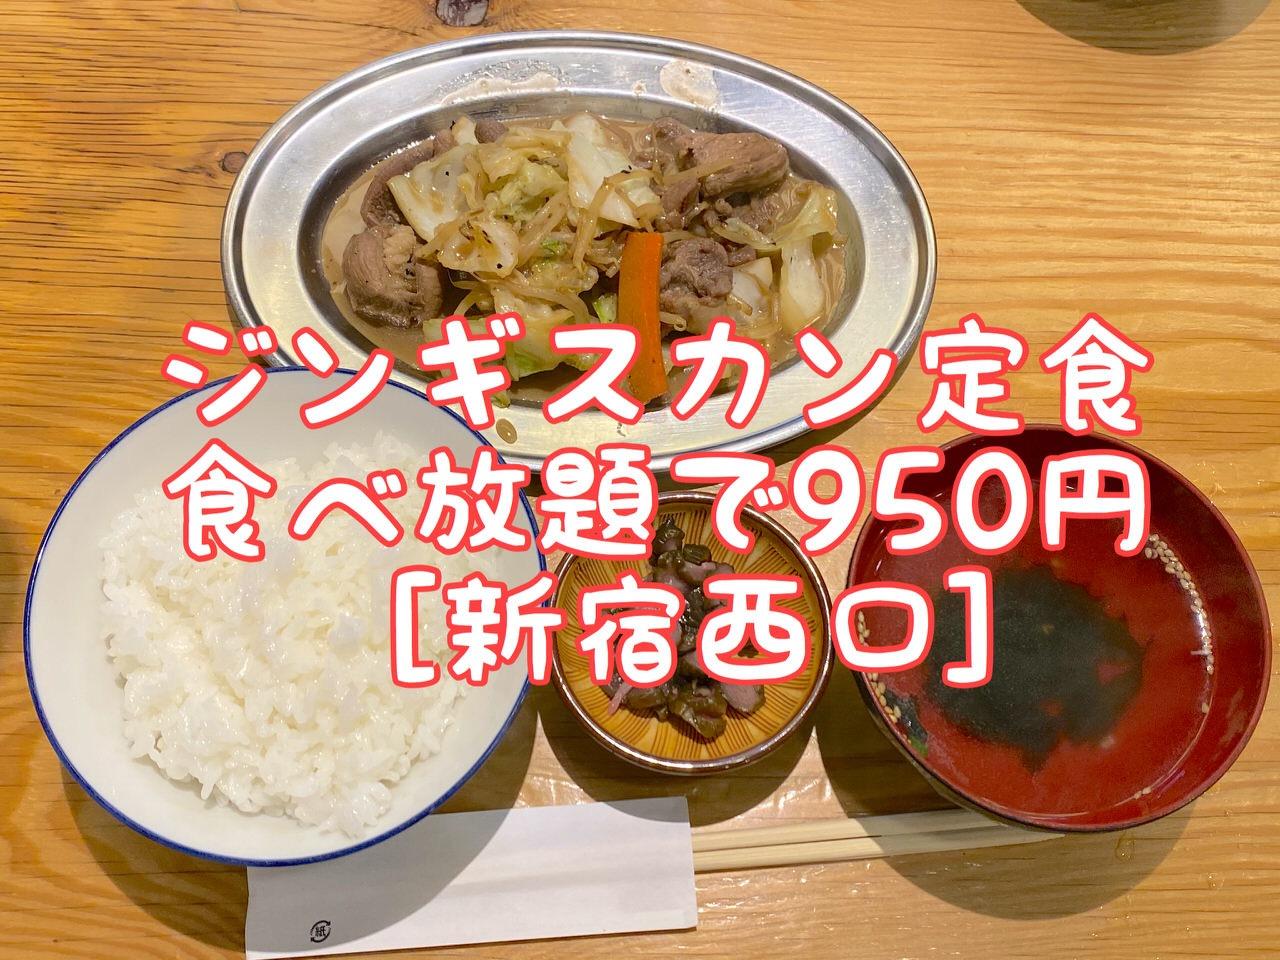 「羊肉酒場悟大」久しぶりの羊肉!ジンギスカン定食が950円で食べ放題&ローストビーフもドーン(丼)【新宿西口】